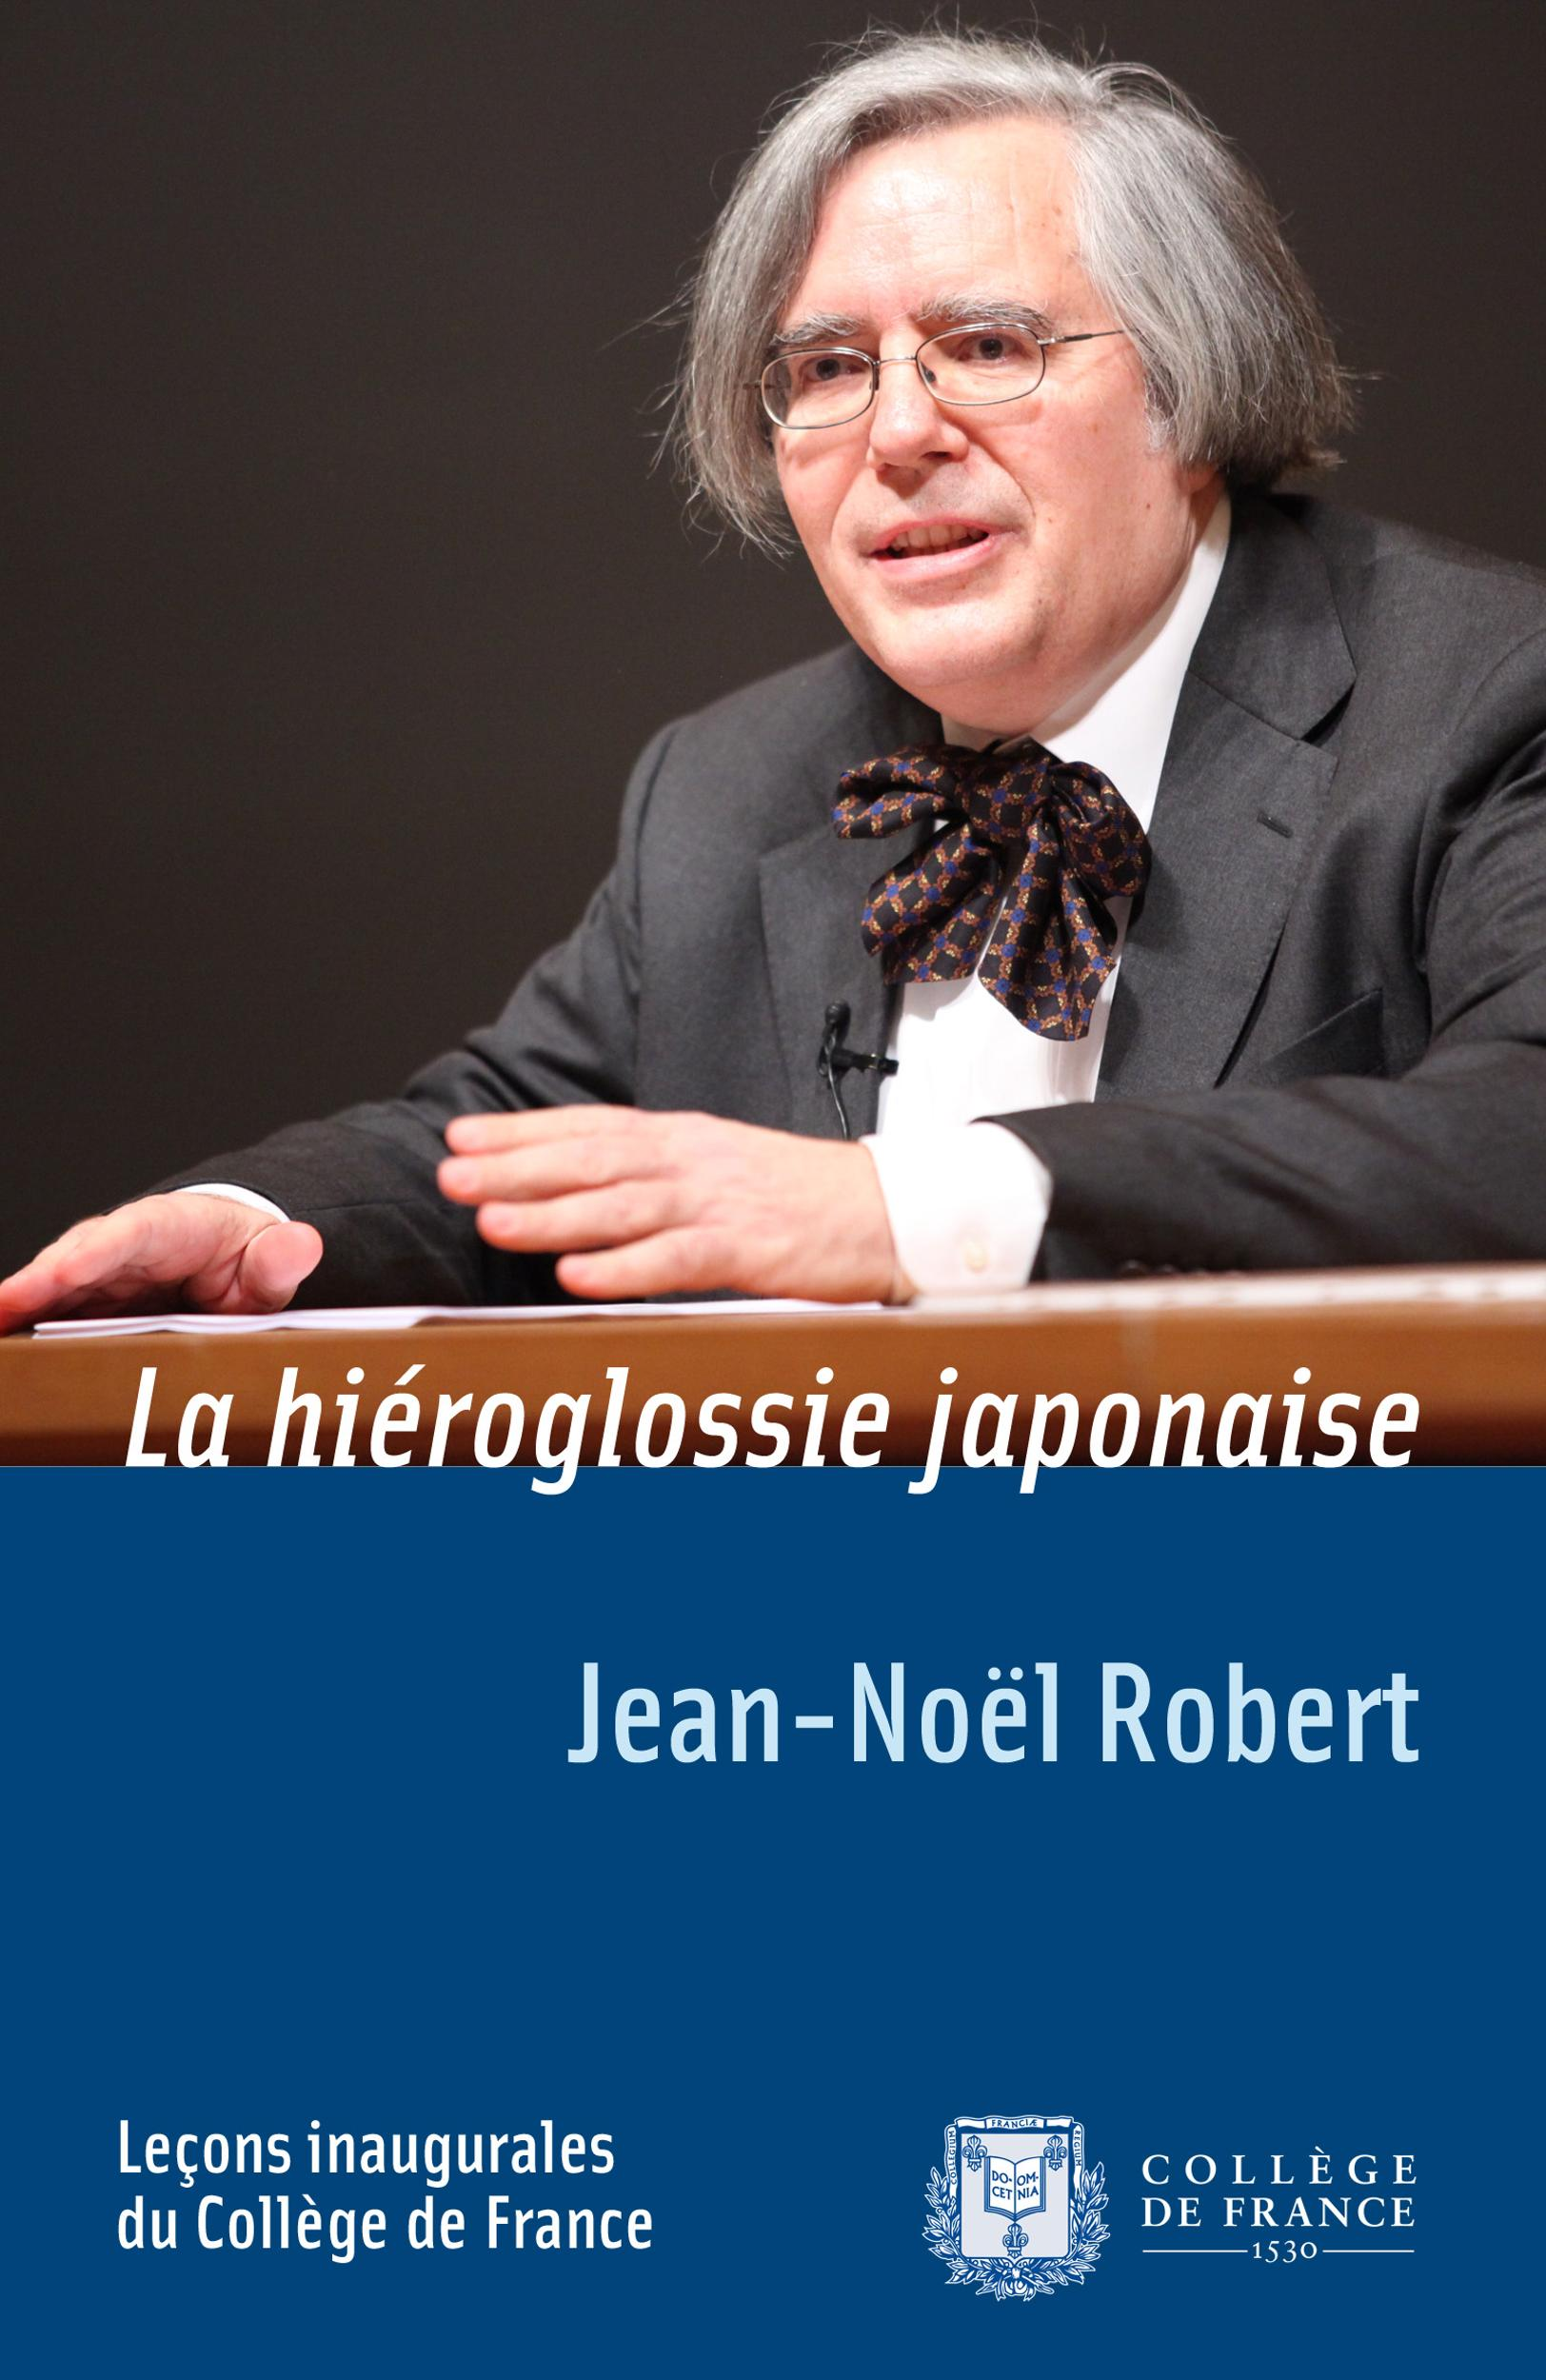 La hiéroglossie japonaise, LEÇON INAUGURALE PRONONCÉE LE JEUDI 2FÉVRIER2012